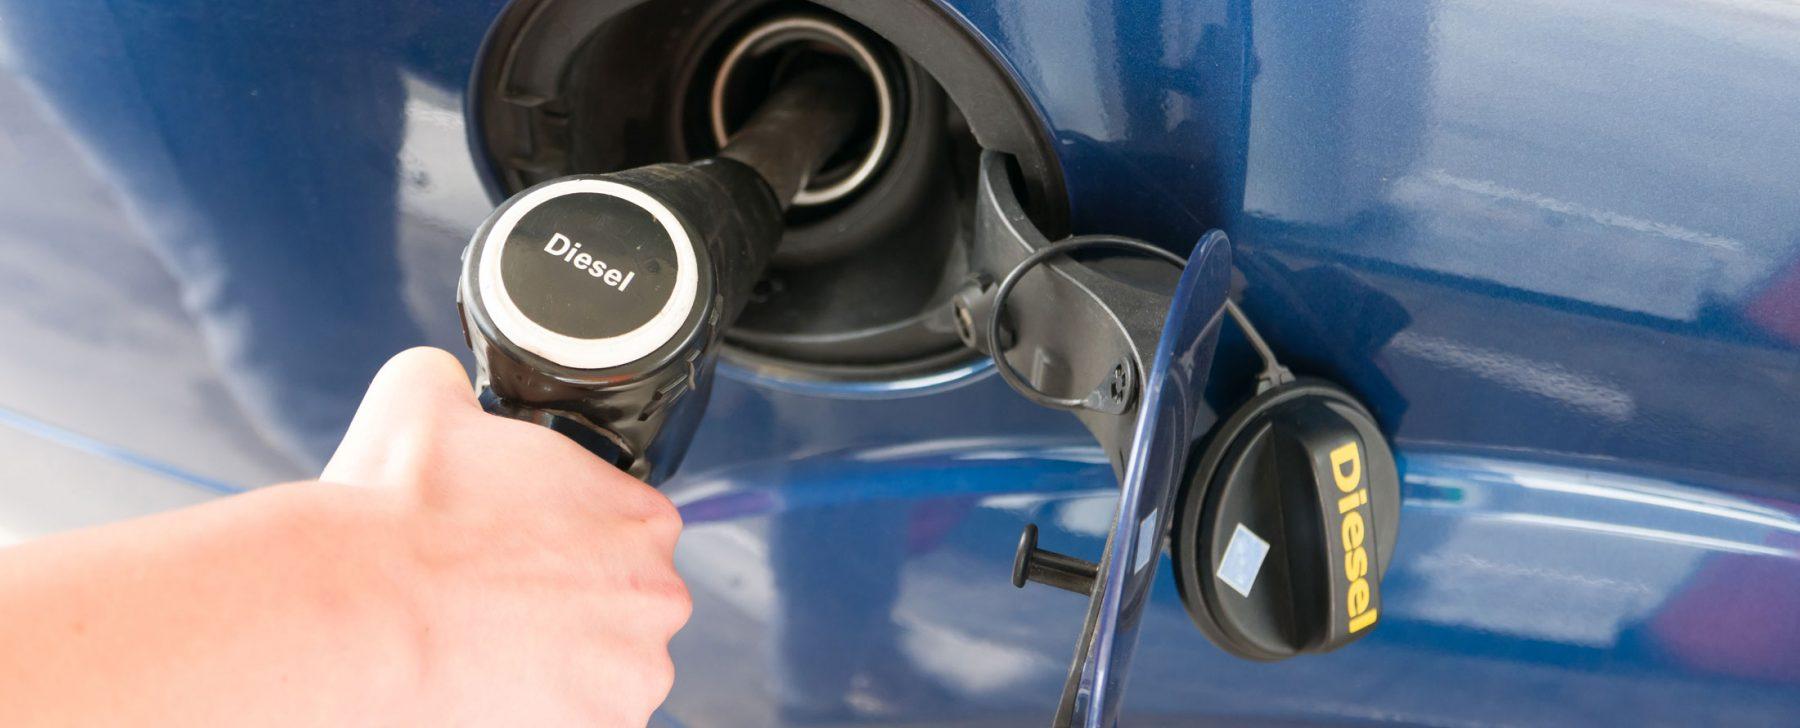 Coche diesel parado